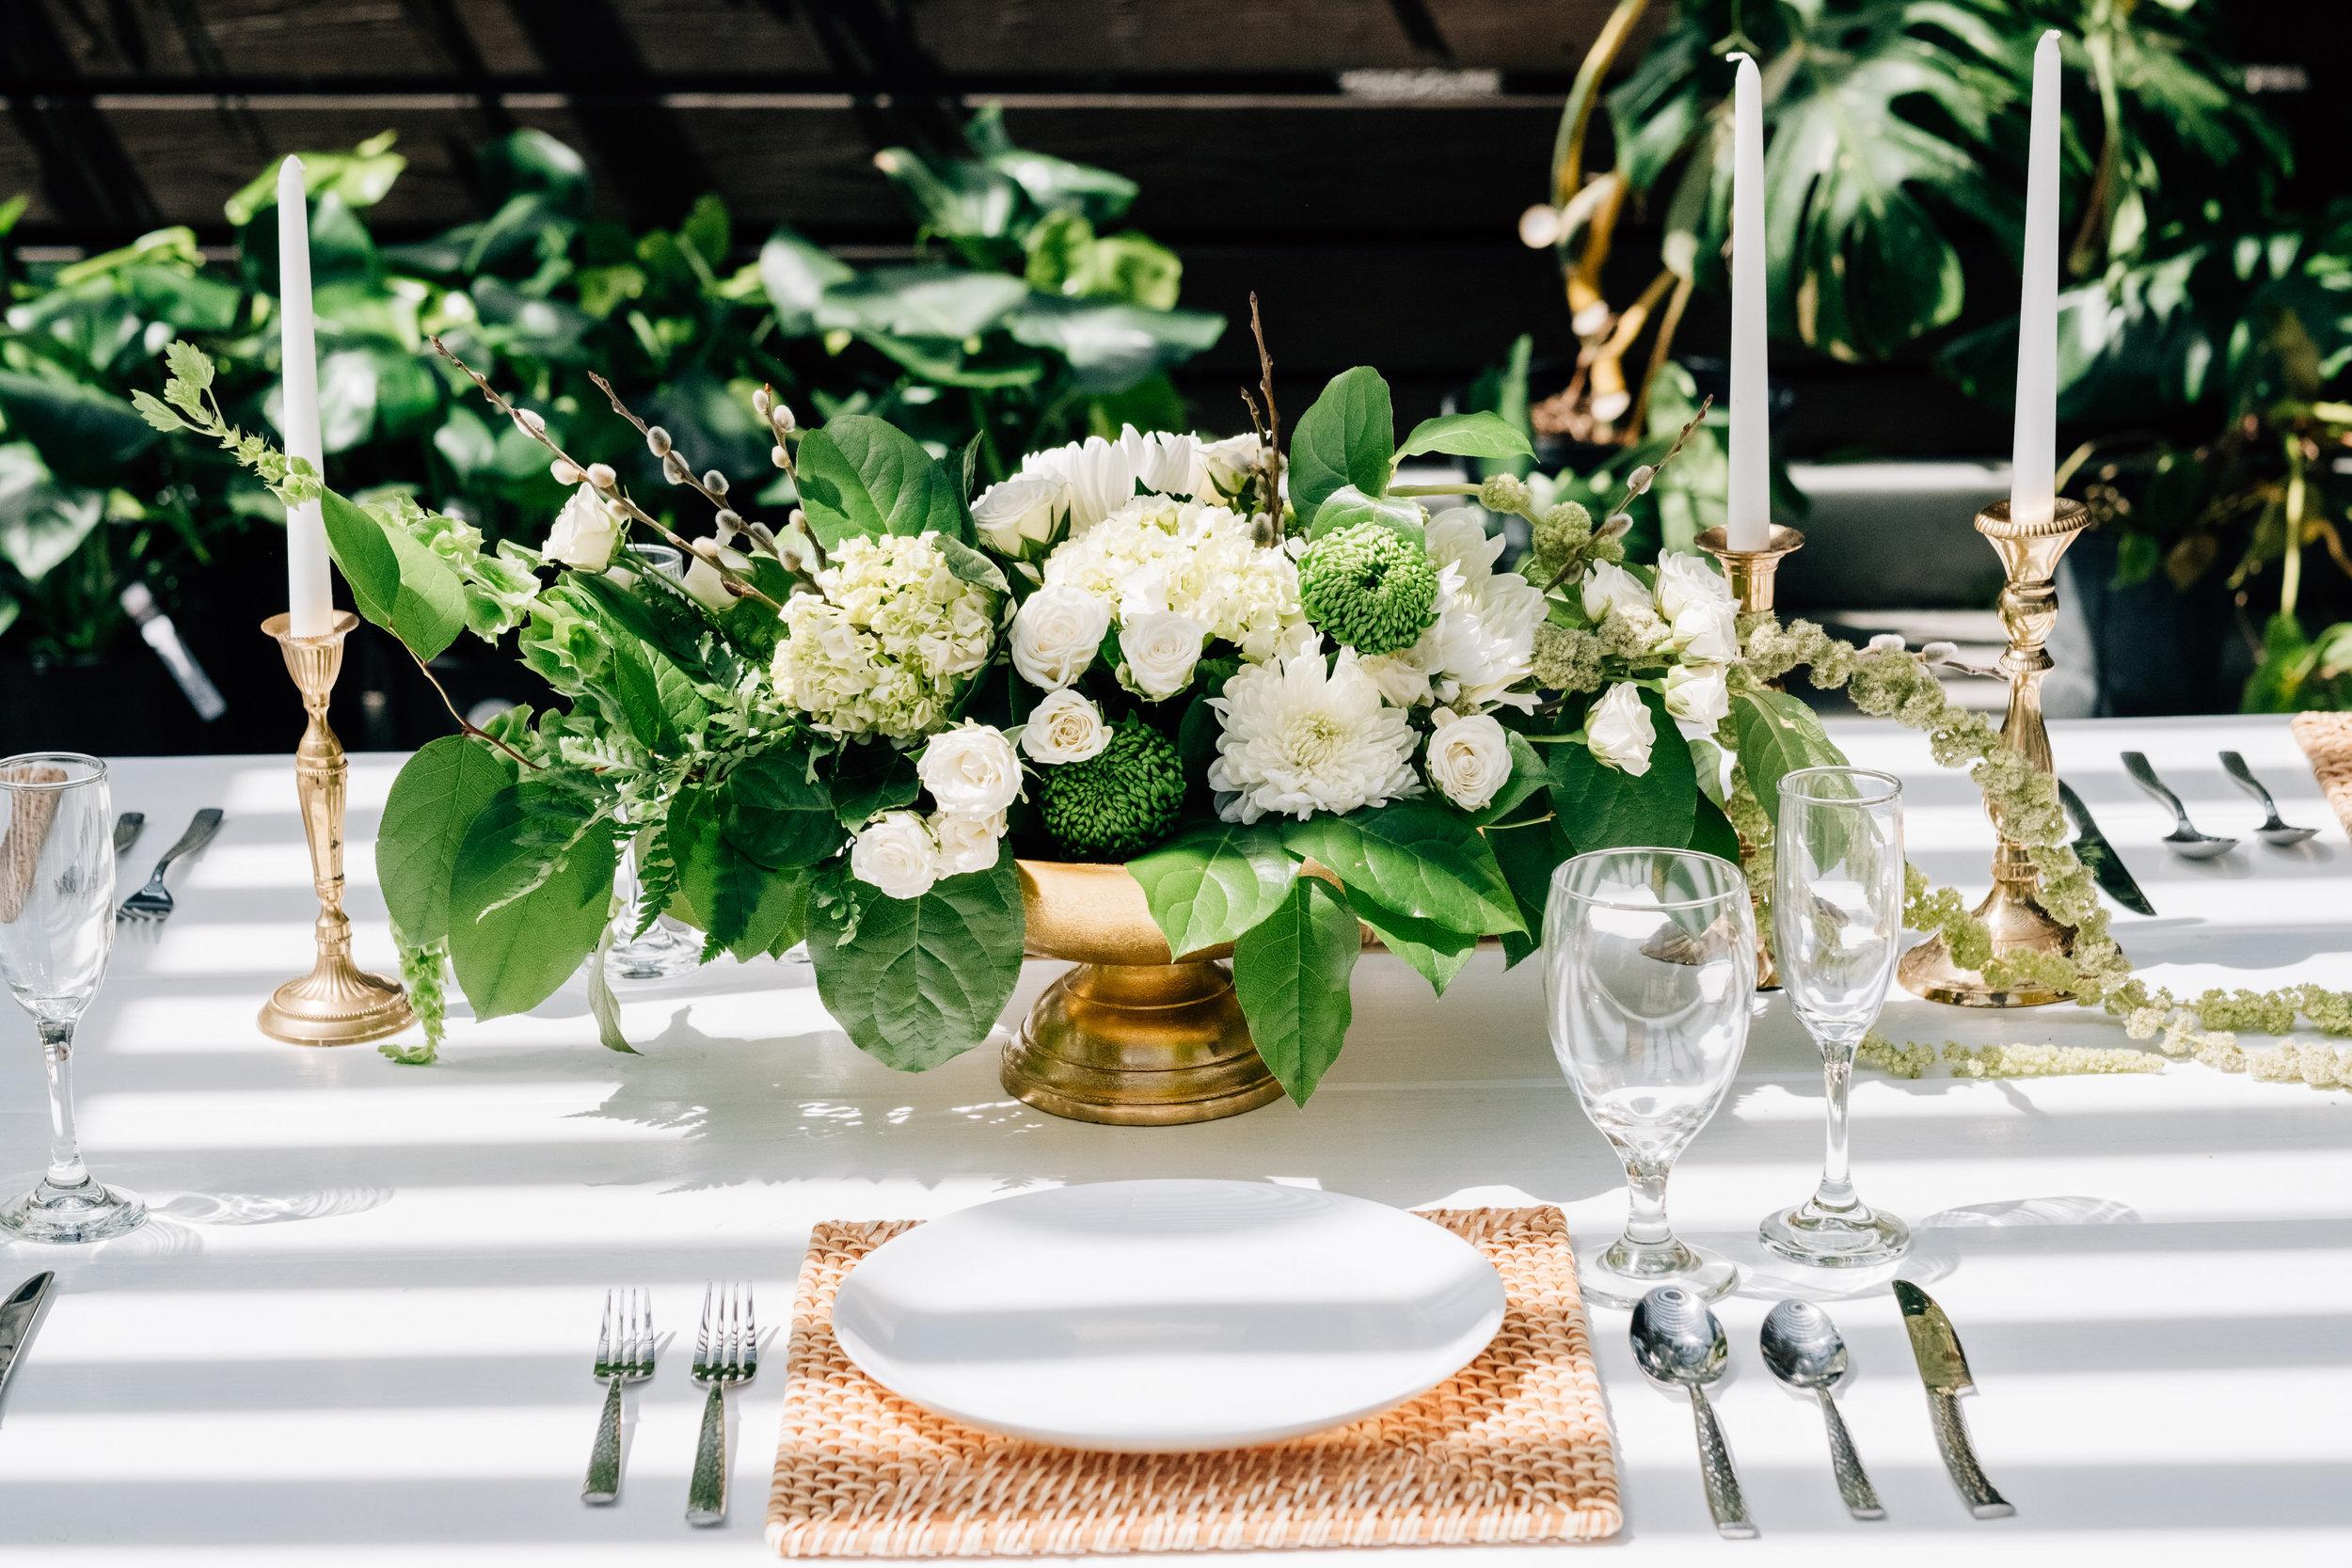 Amethyst Weddings Styled Shoot 3-25-18 140.jpg